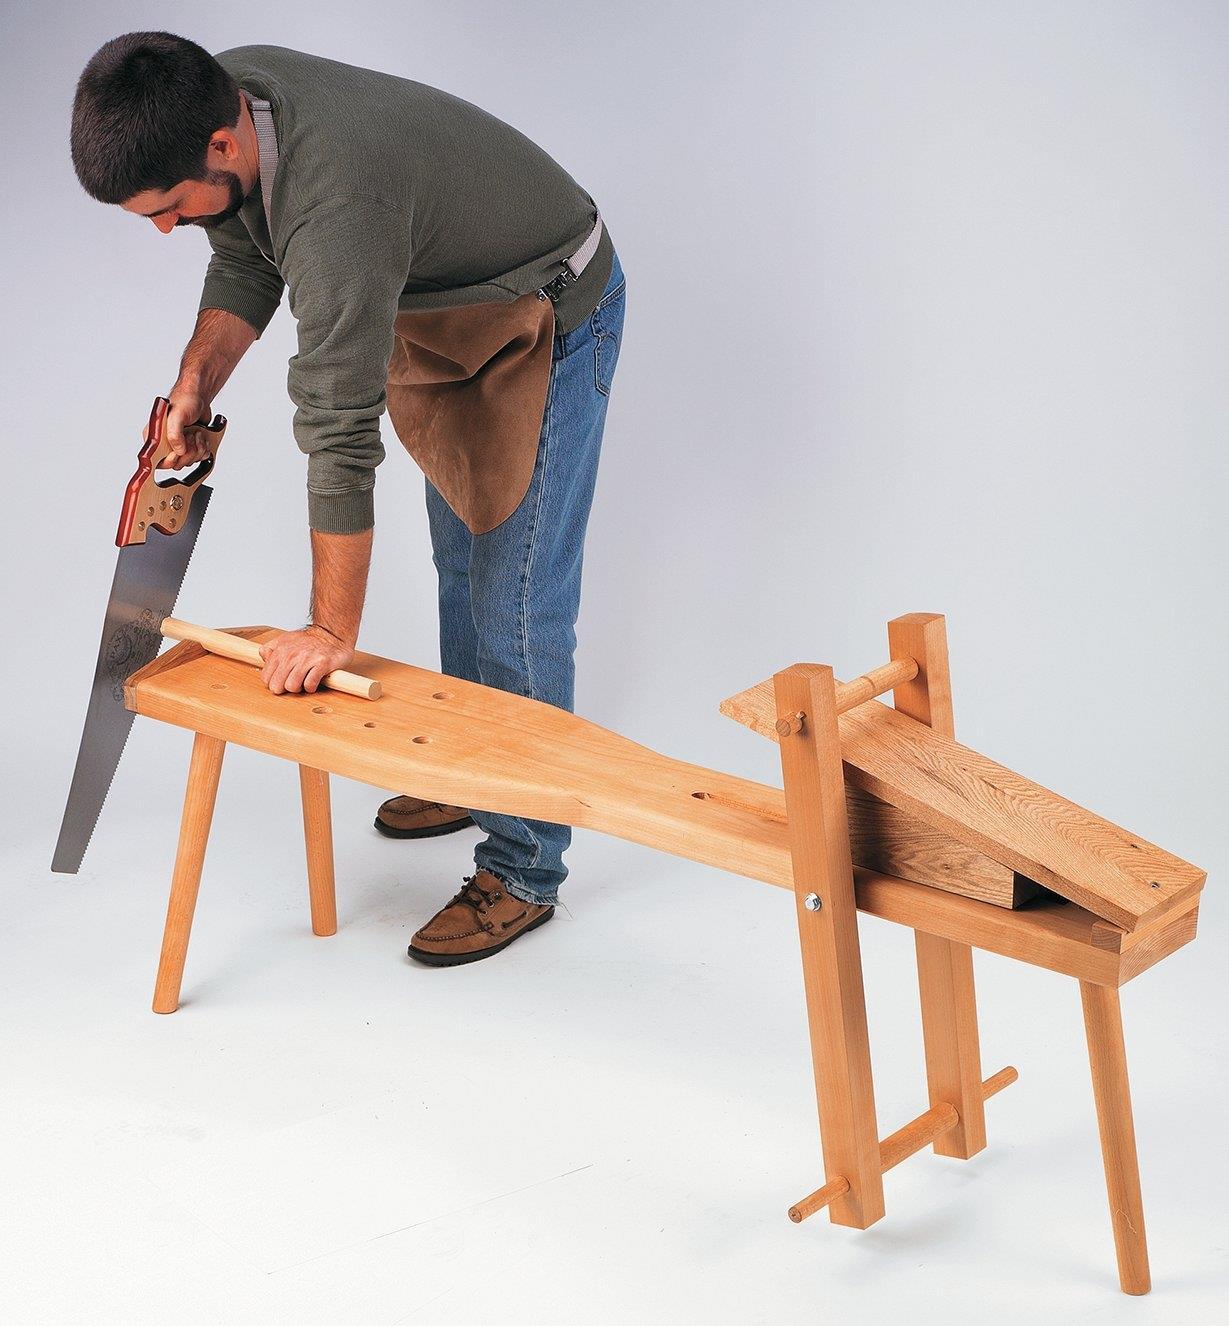 Homme utilisant un banc d'âne pour couper un goujon